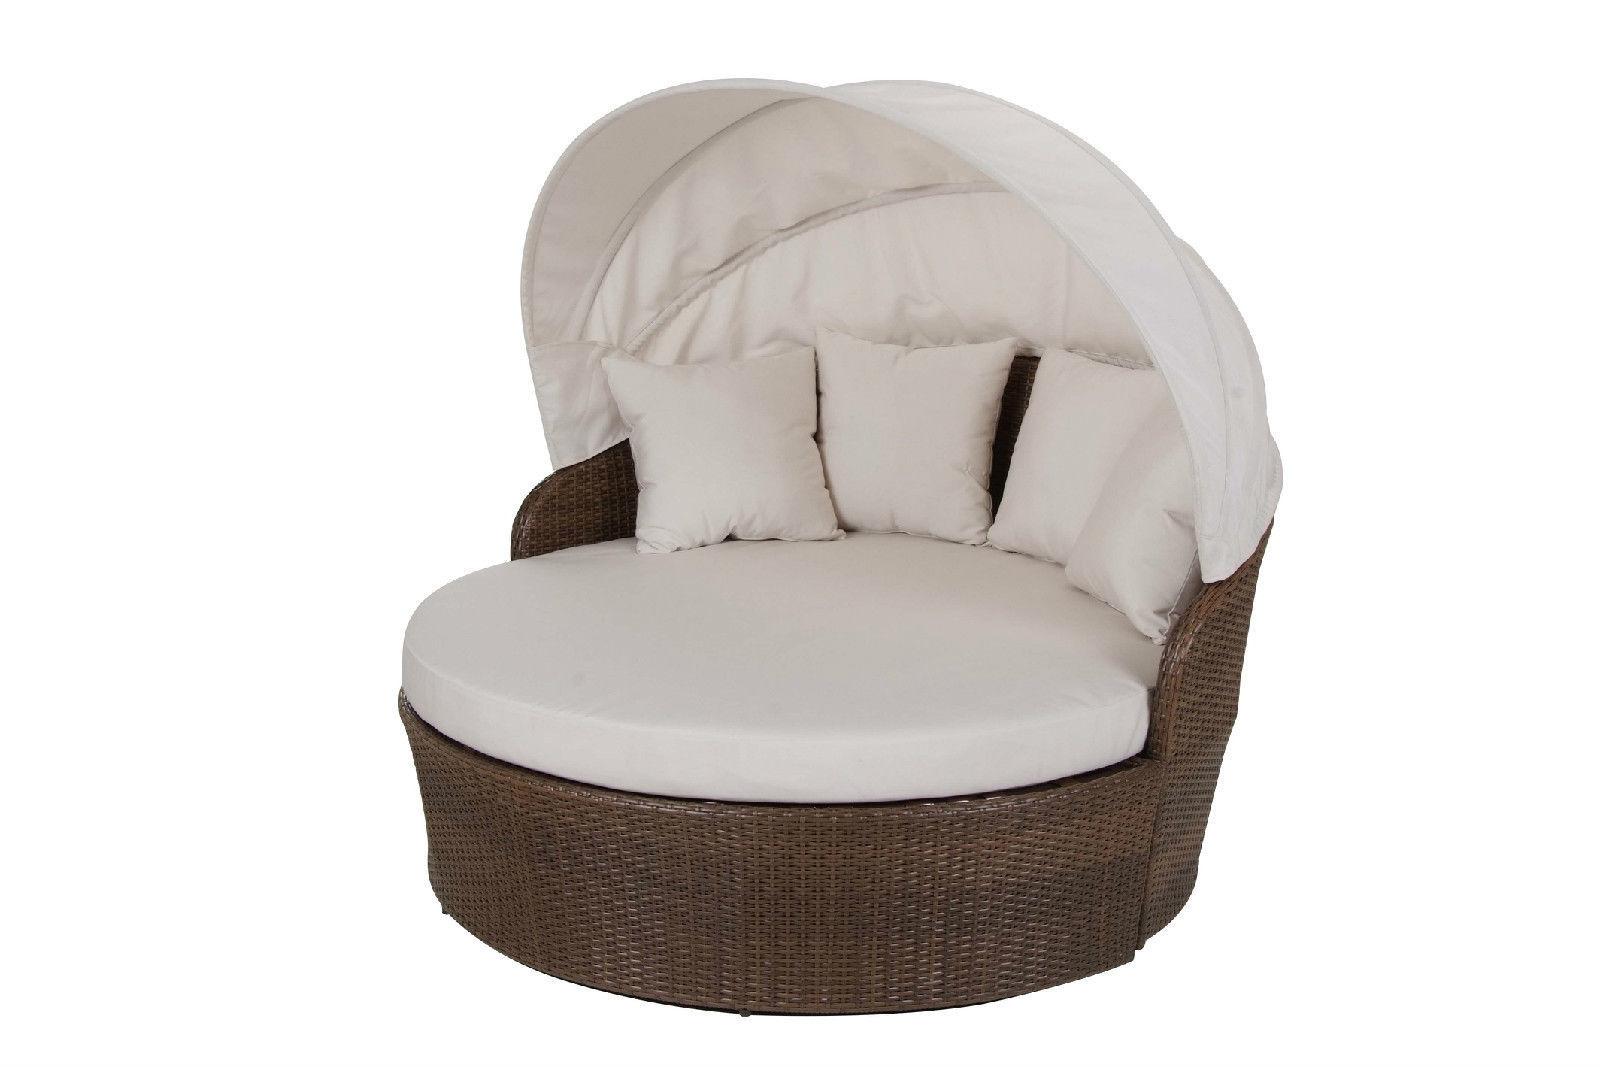 Panama Jack Key Biscayne Synthetic Wicker Tiki Canopy Day Bed w/ Cushion